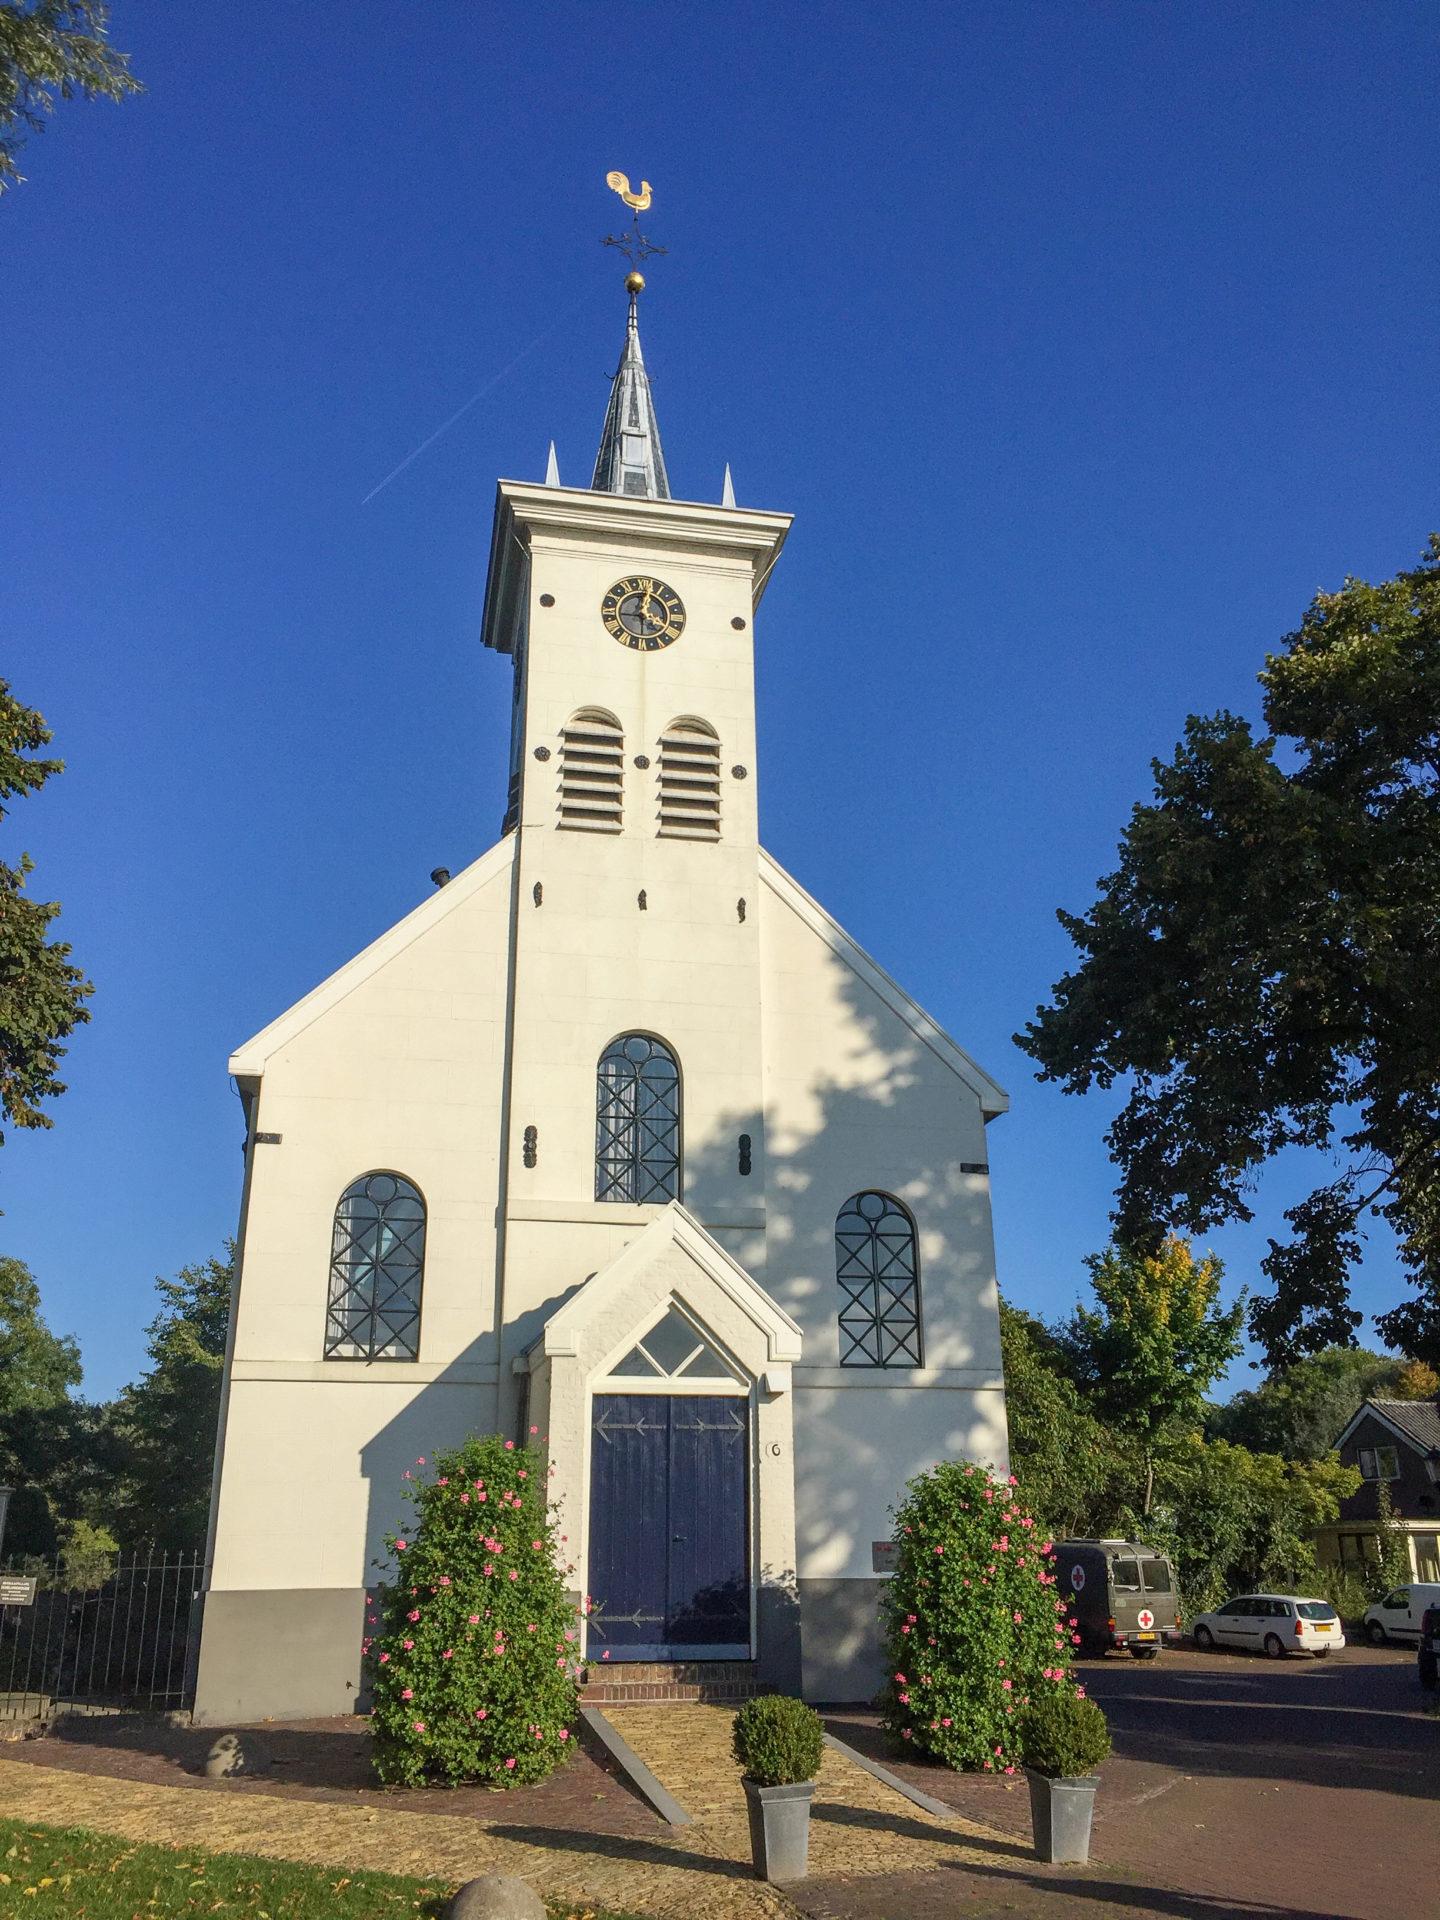 Eine alte Kirchemit Holzverkleidungen in Schellingwoude im Norden von Amsterdam